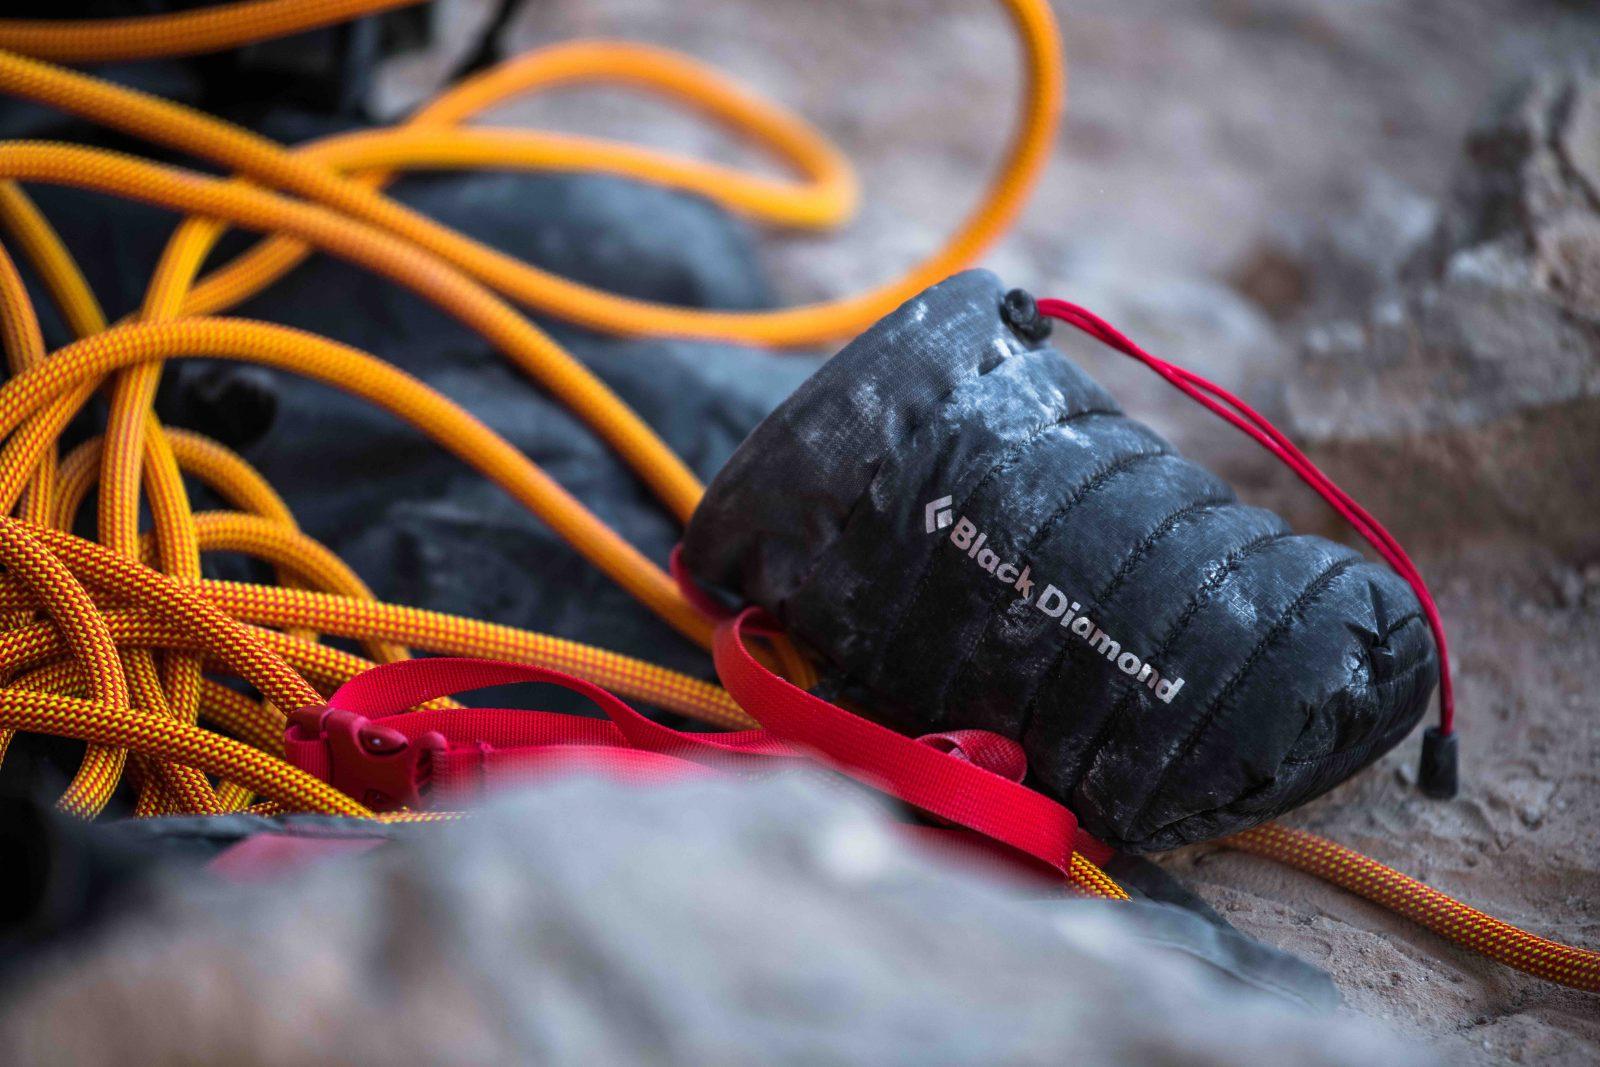 Weihnachtsgeschenke beheizbarer Chalkbag von Black Diamond |Climbers Paradise